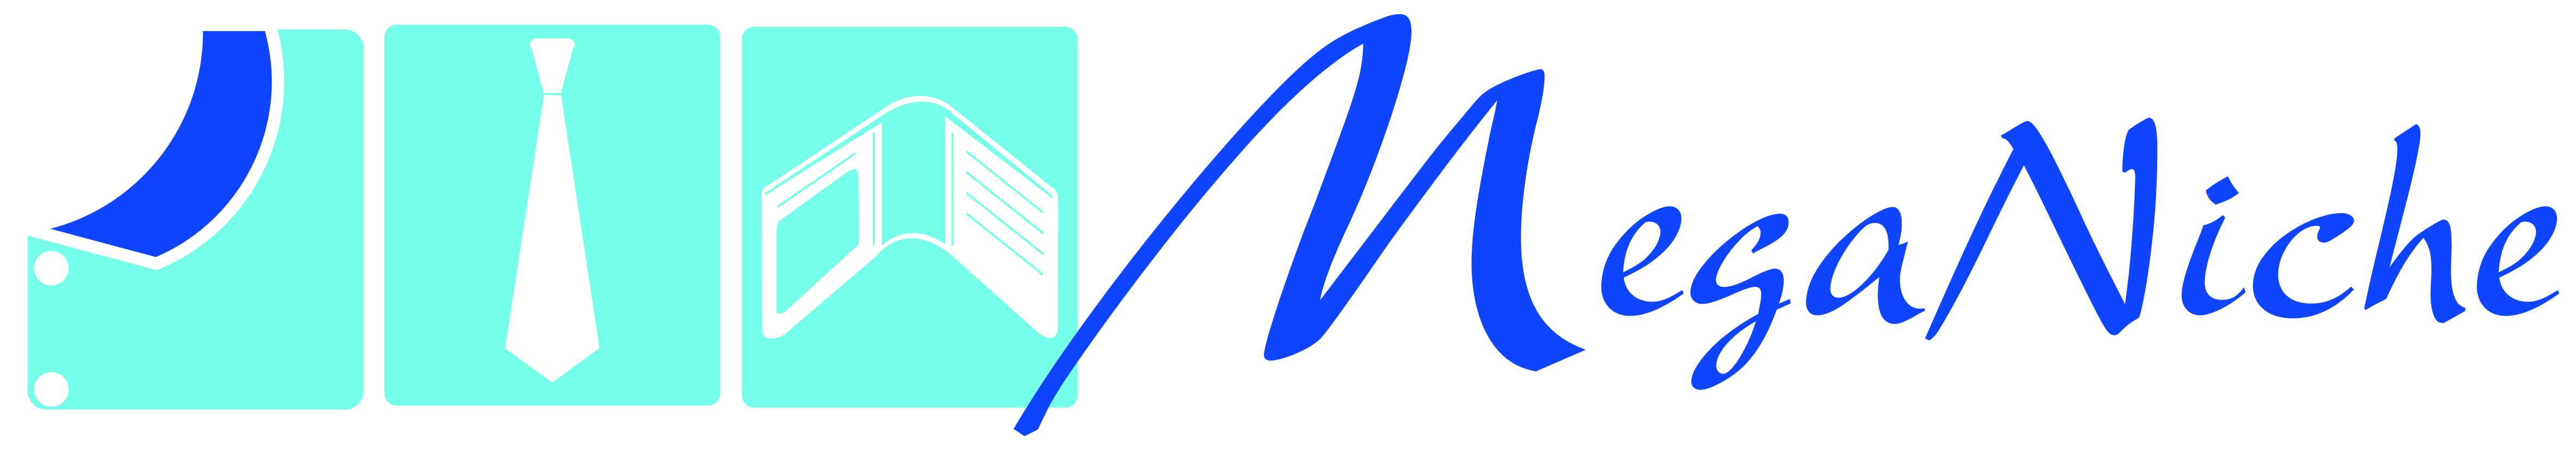 MegaNiche Logo 300dpi